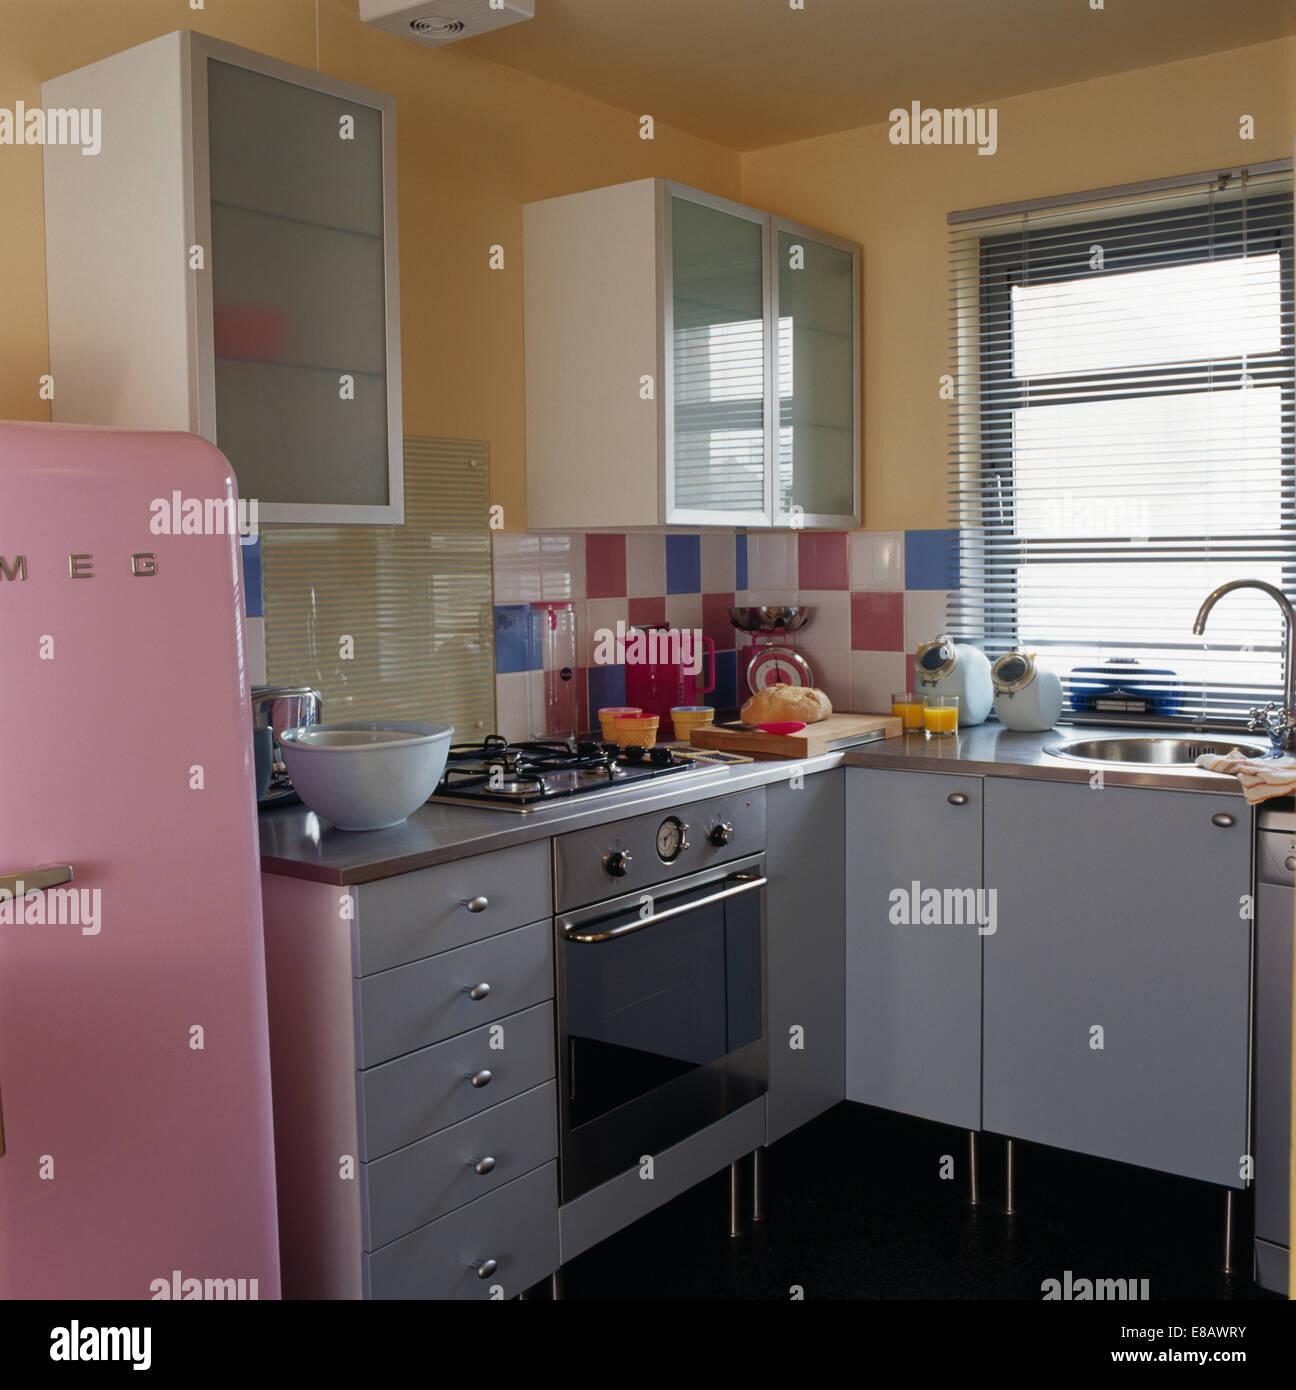 Edelstahl Ofen in kleinen Retro-Stil Küche mit Jalousie am Fenster ...